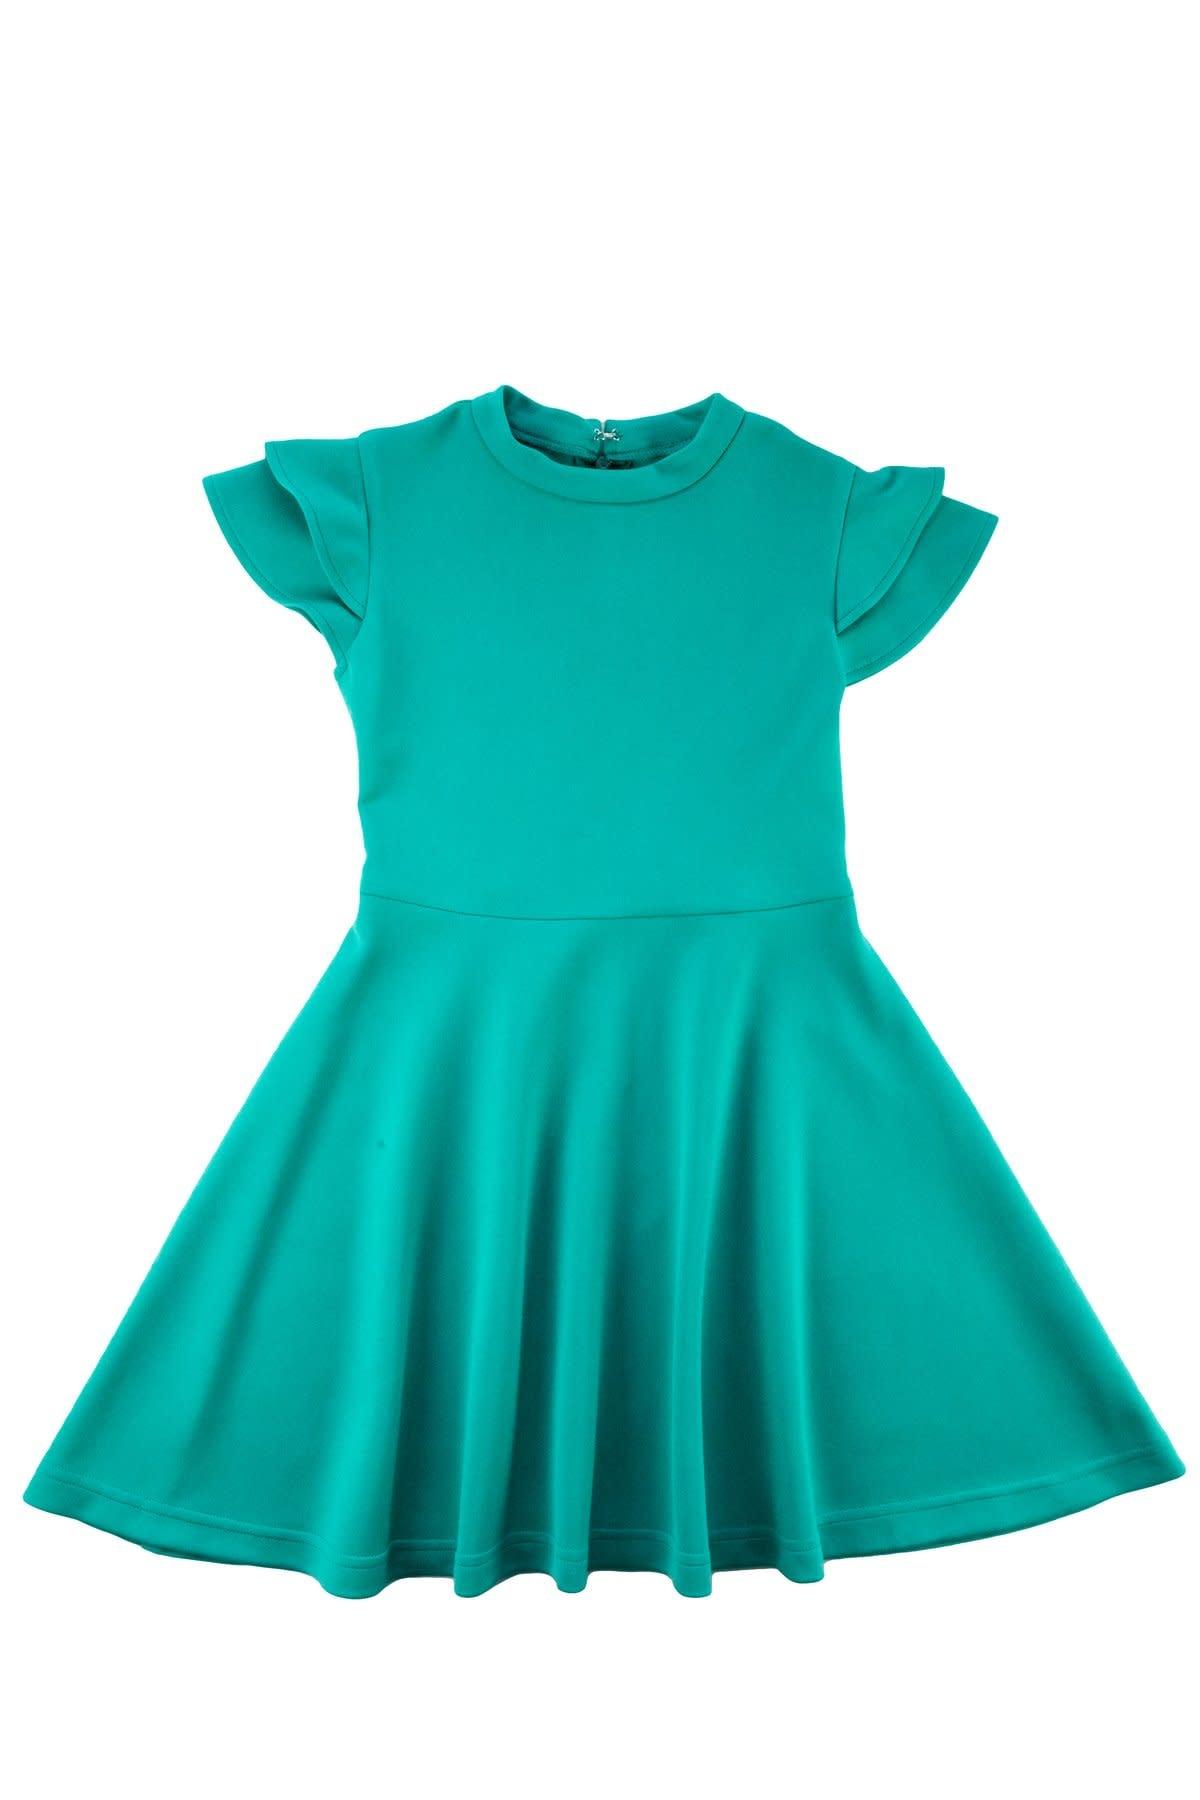 Florence Eiseman Jade Flutter Sleeve Dress